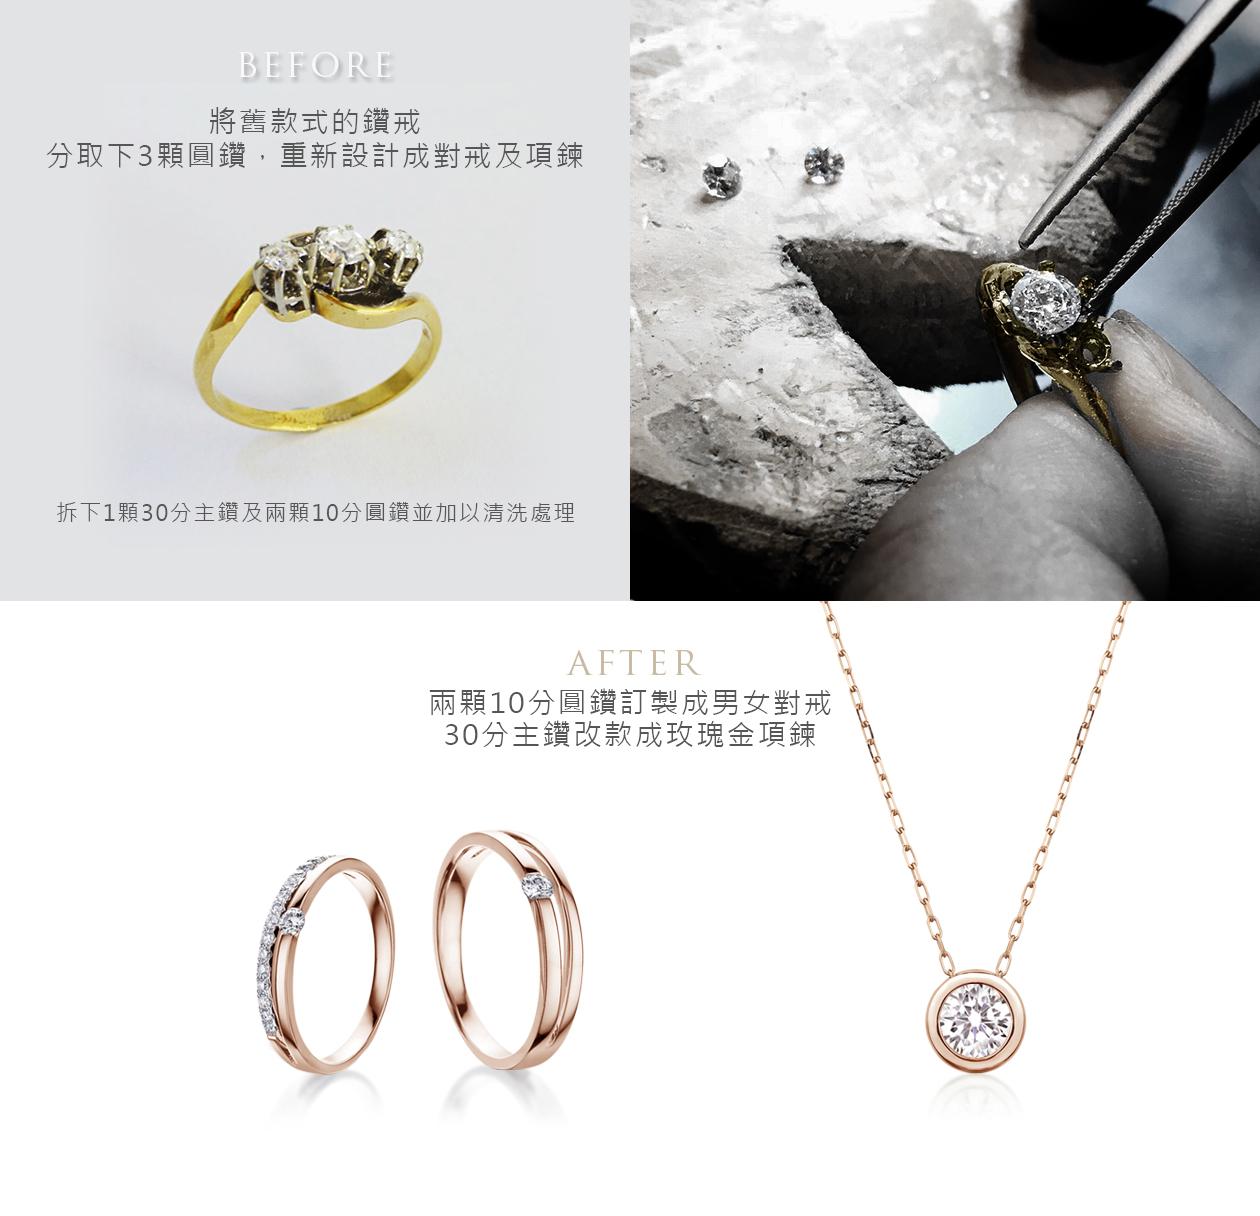 舊鑽戒改款翻新成:結婚對戒,單鑽30分包鑲鑽石項鍊